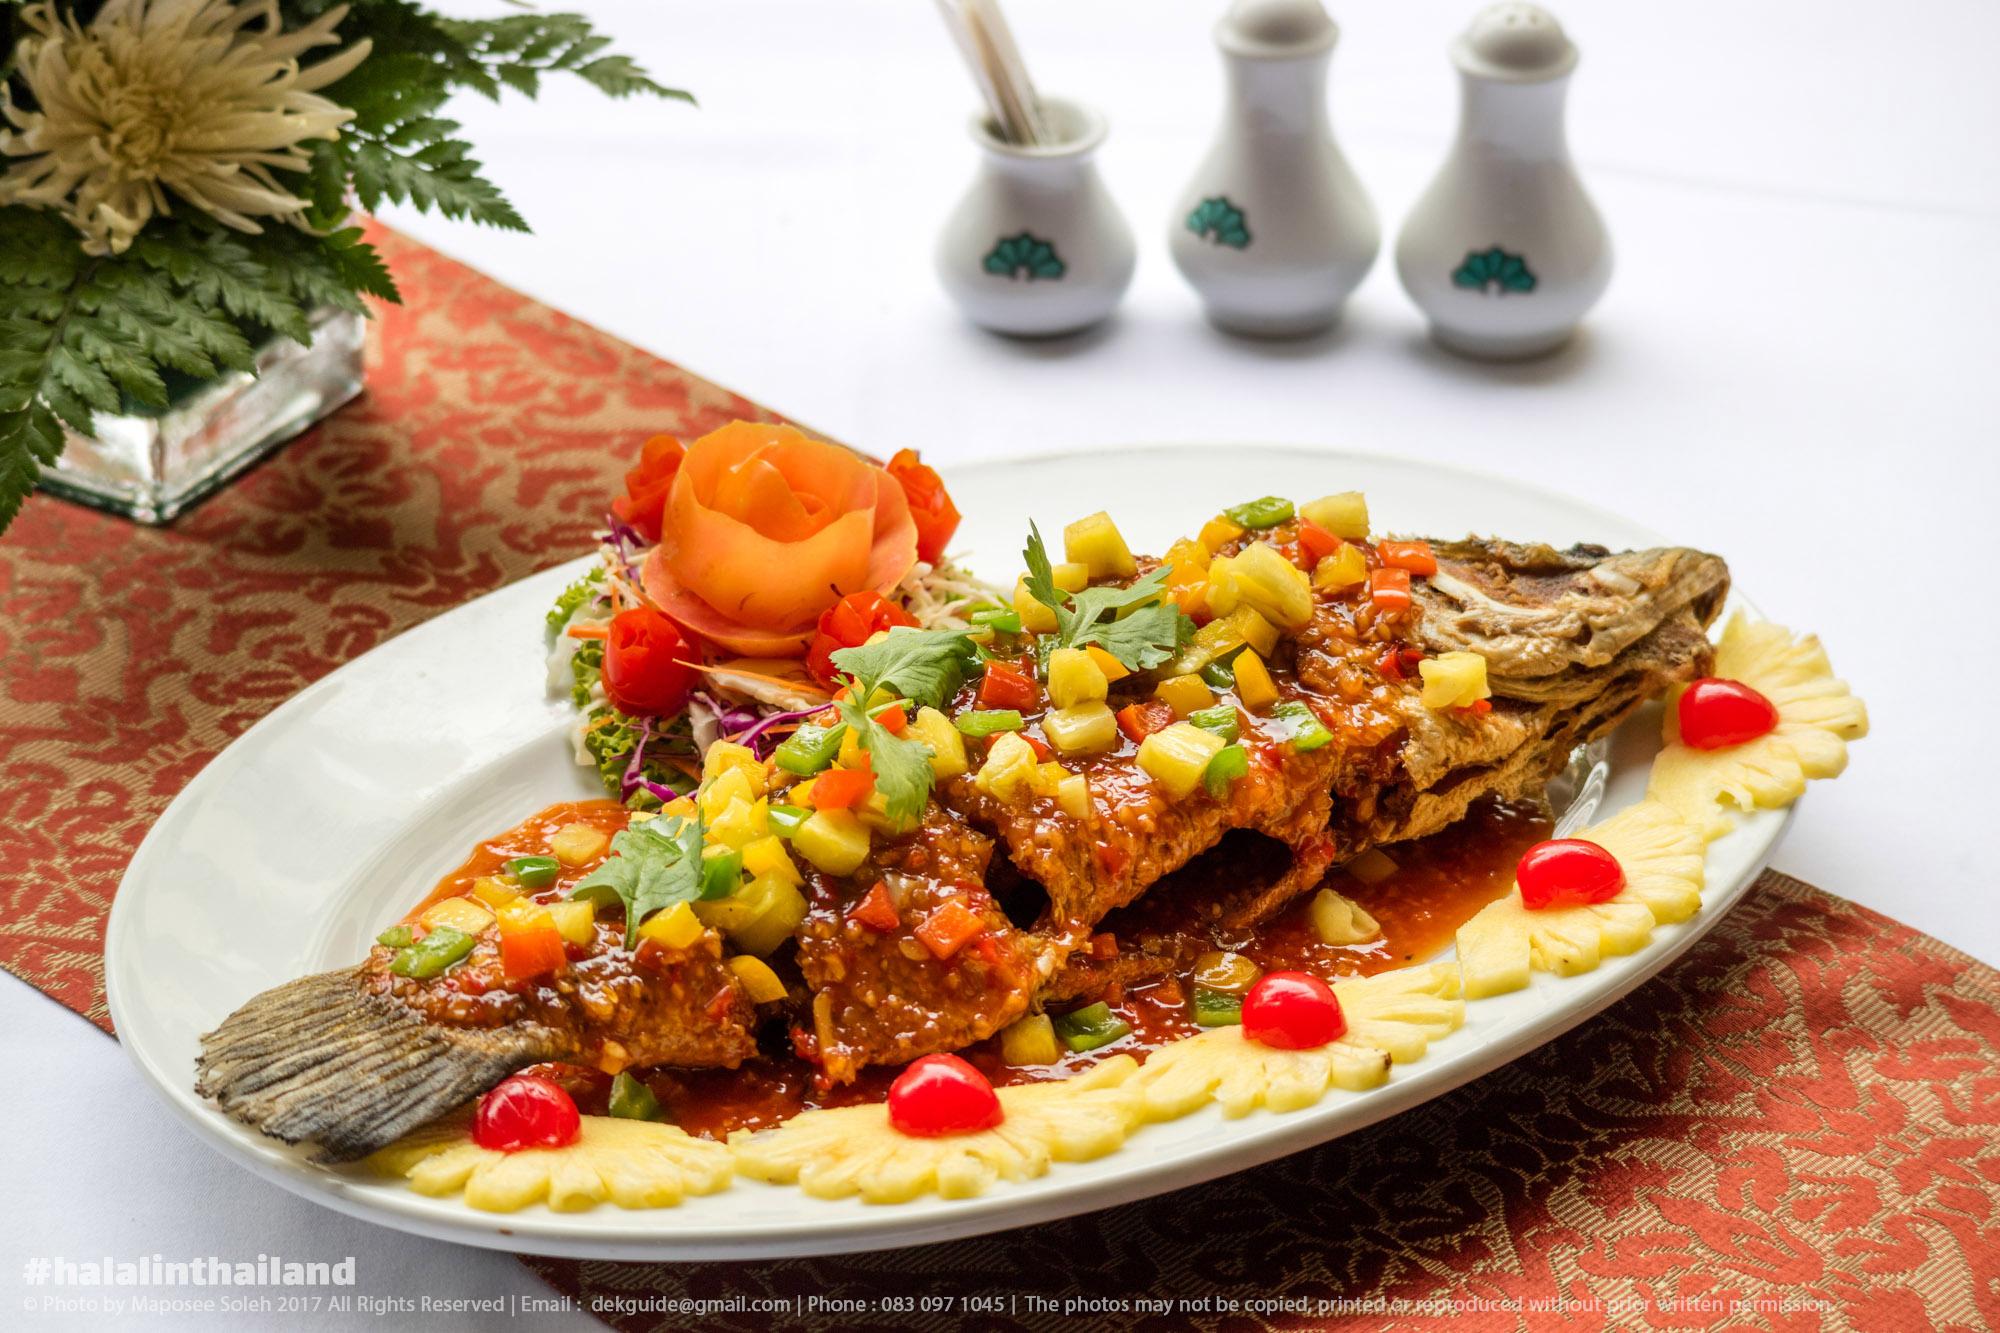 ห้องอาหารฮาลาล คาซาบลังก้า เดอะ รอยัล พาราไดซ์ โฮเทล แอนด์ สปา ภูเก็ต